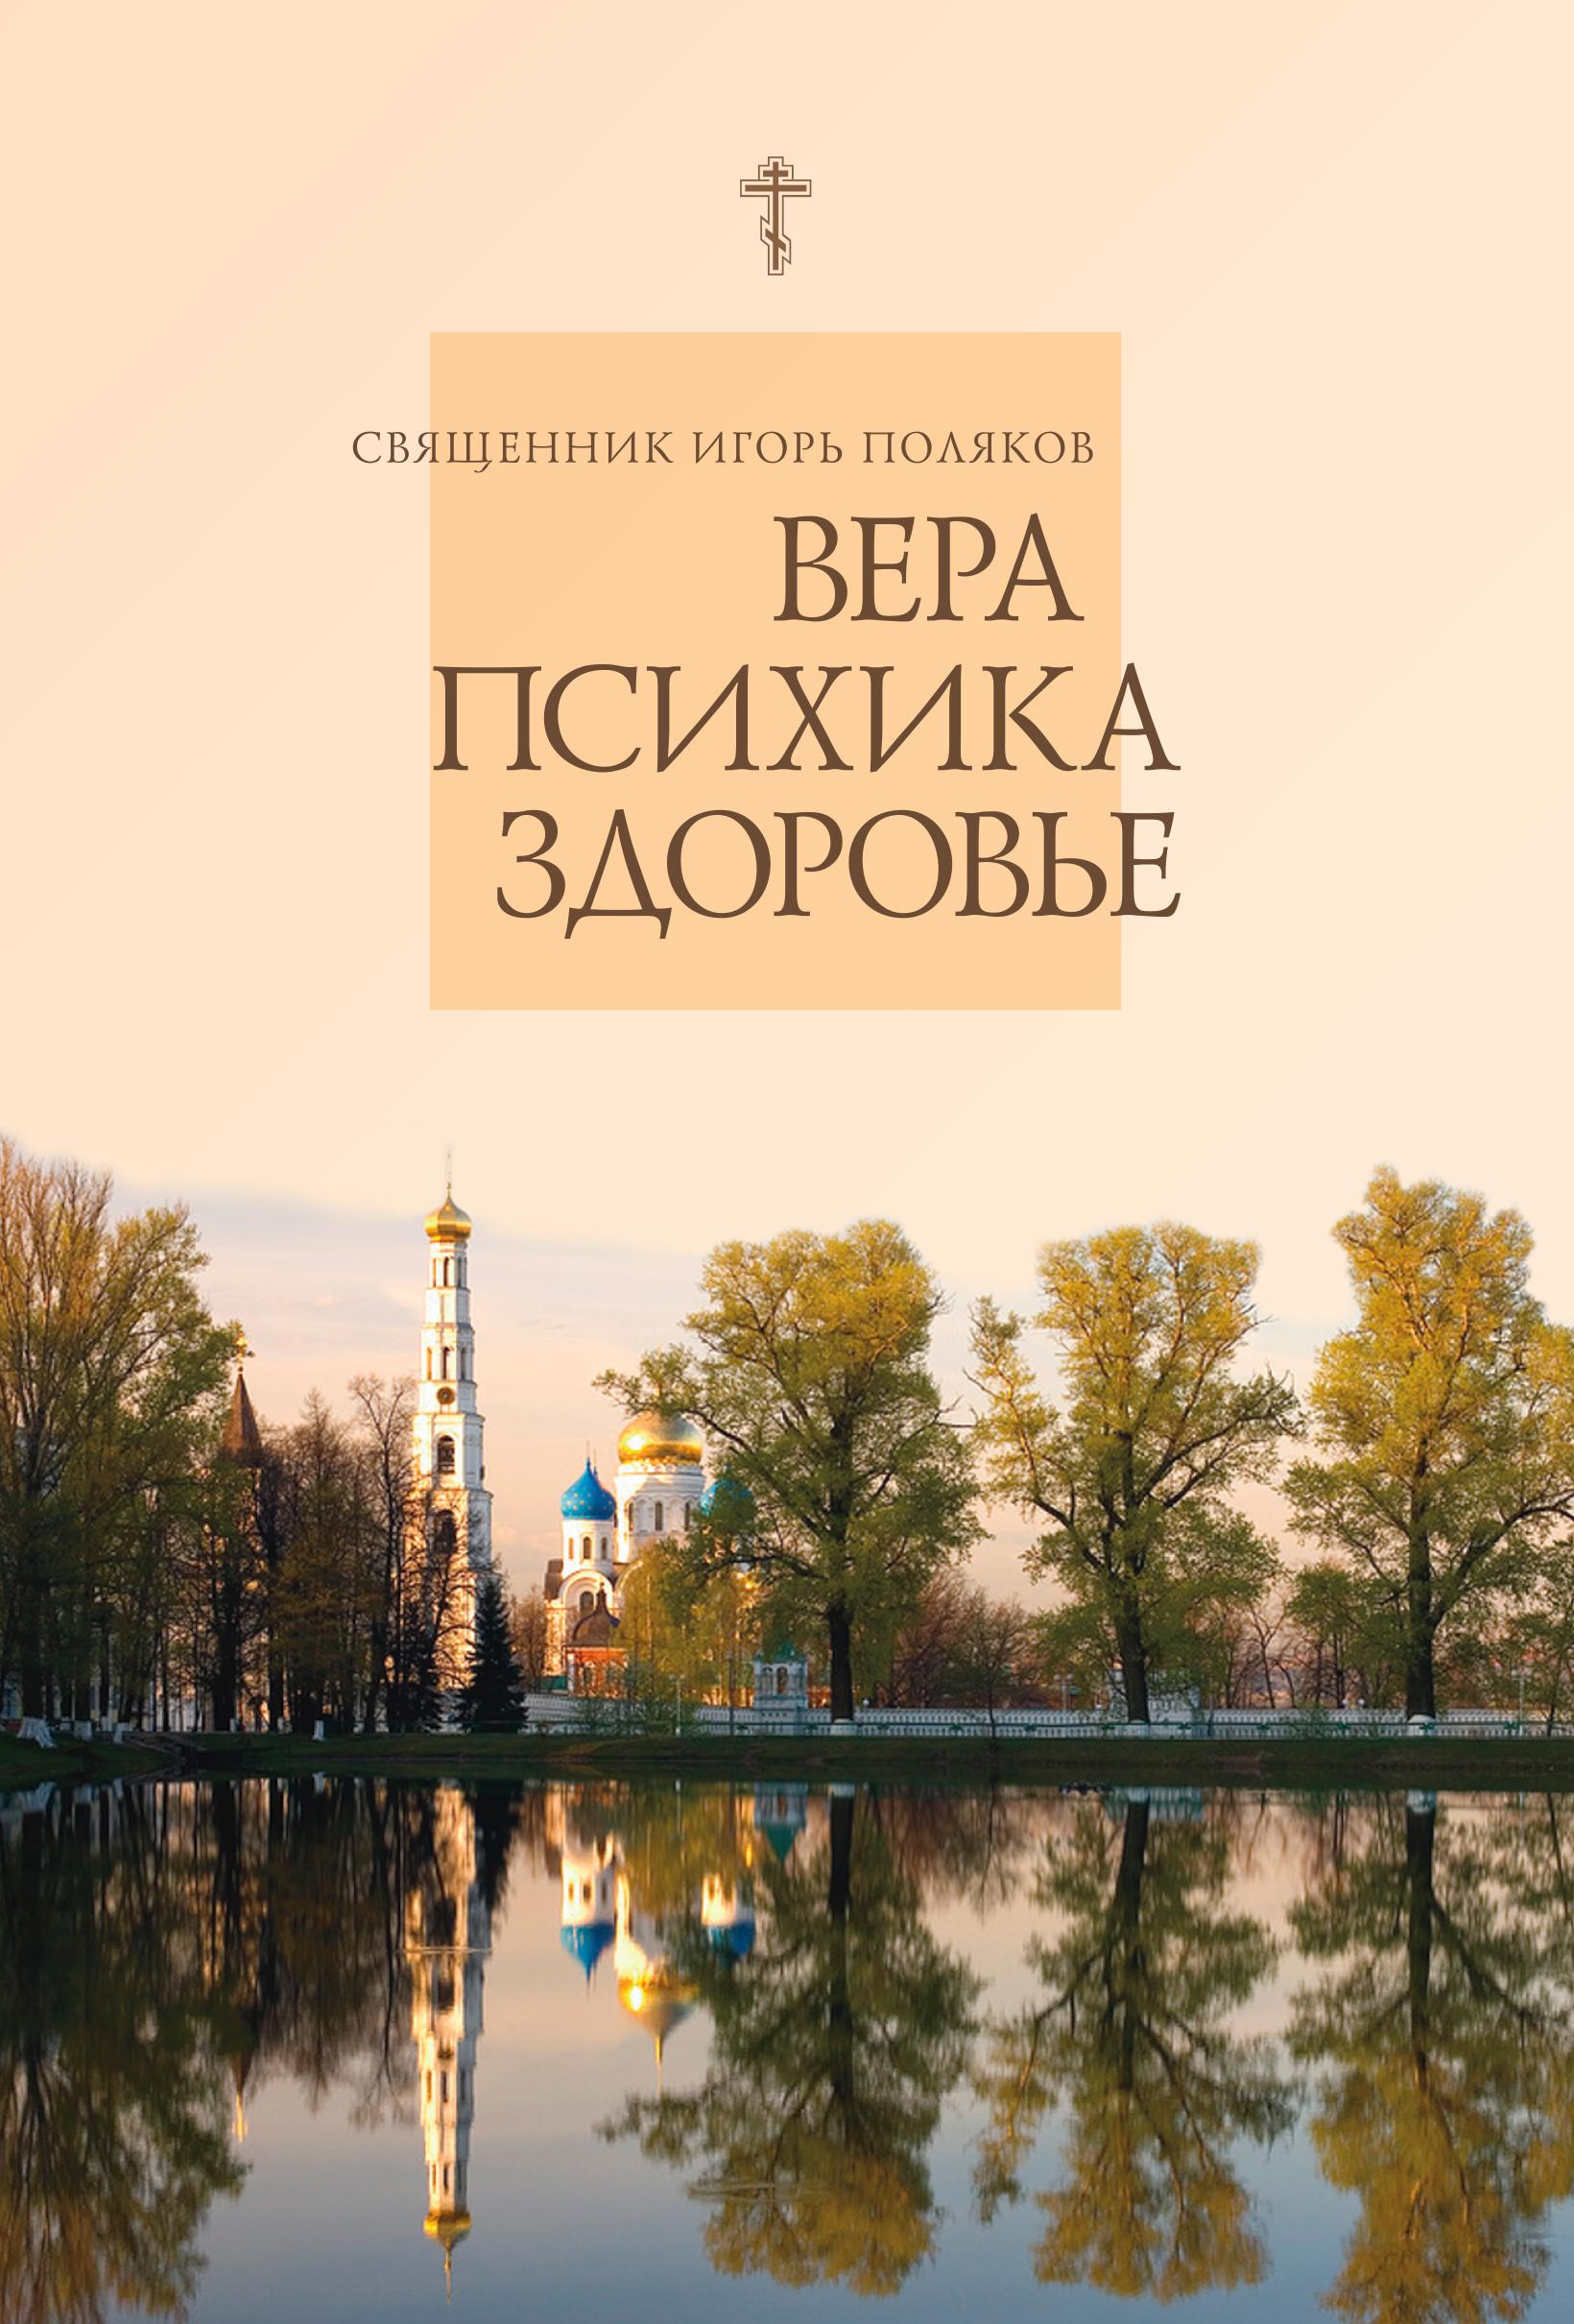 Купить книгу Вера, психика, здоровье, автора Священника Игоря Полякова